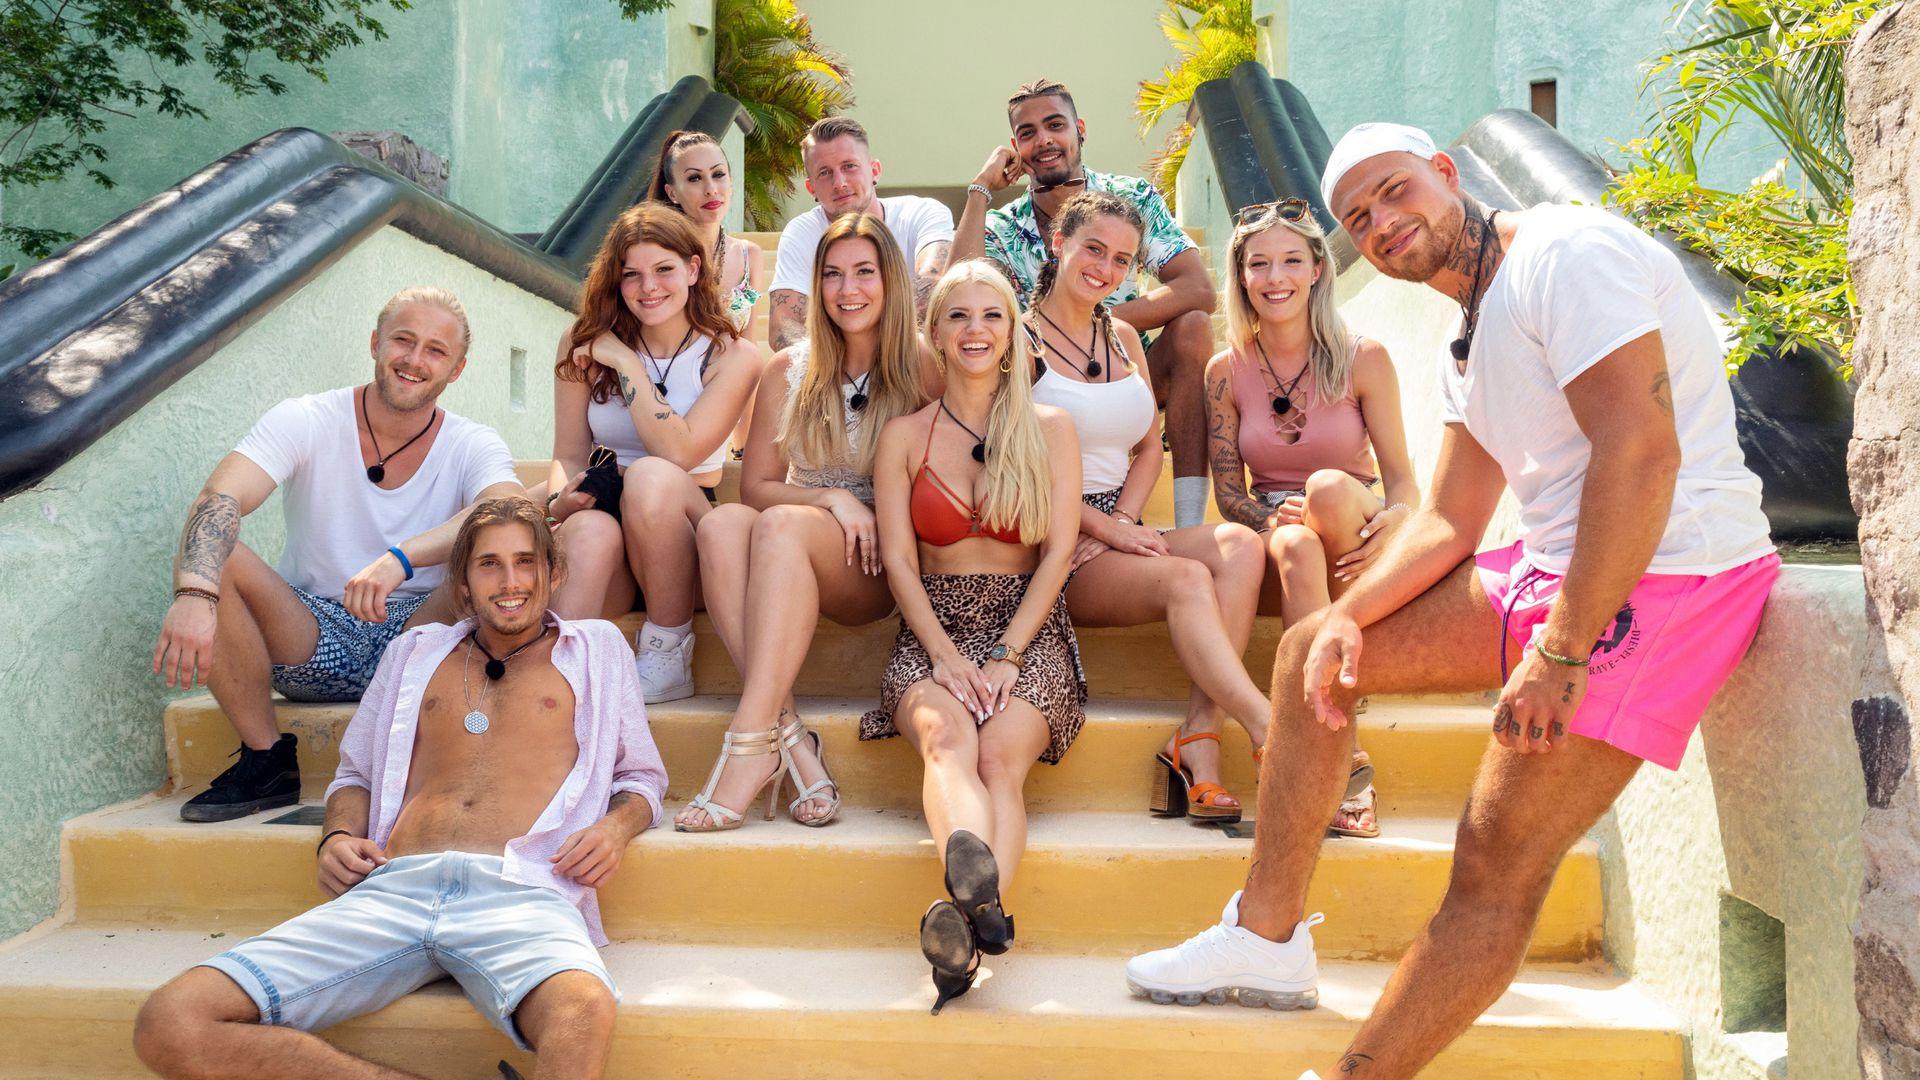 Paradise Hotel Folge 2